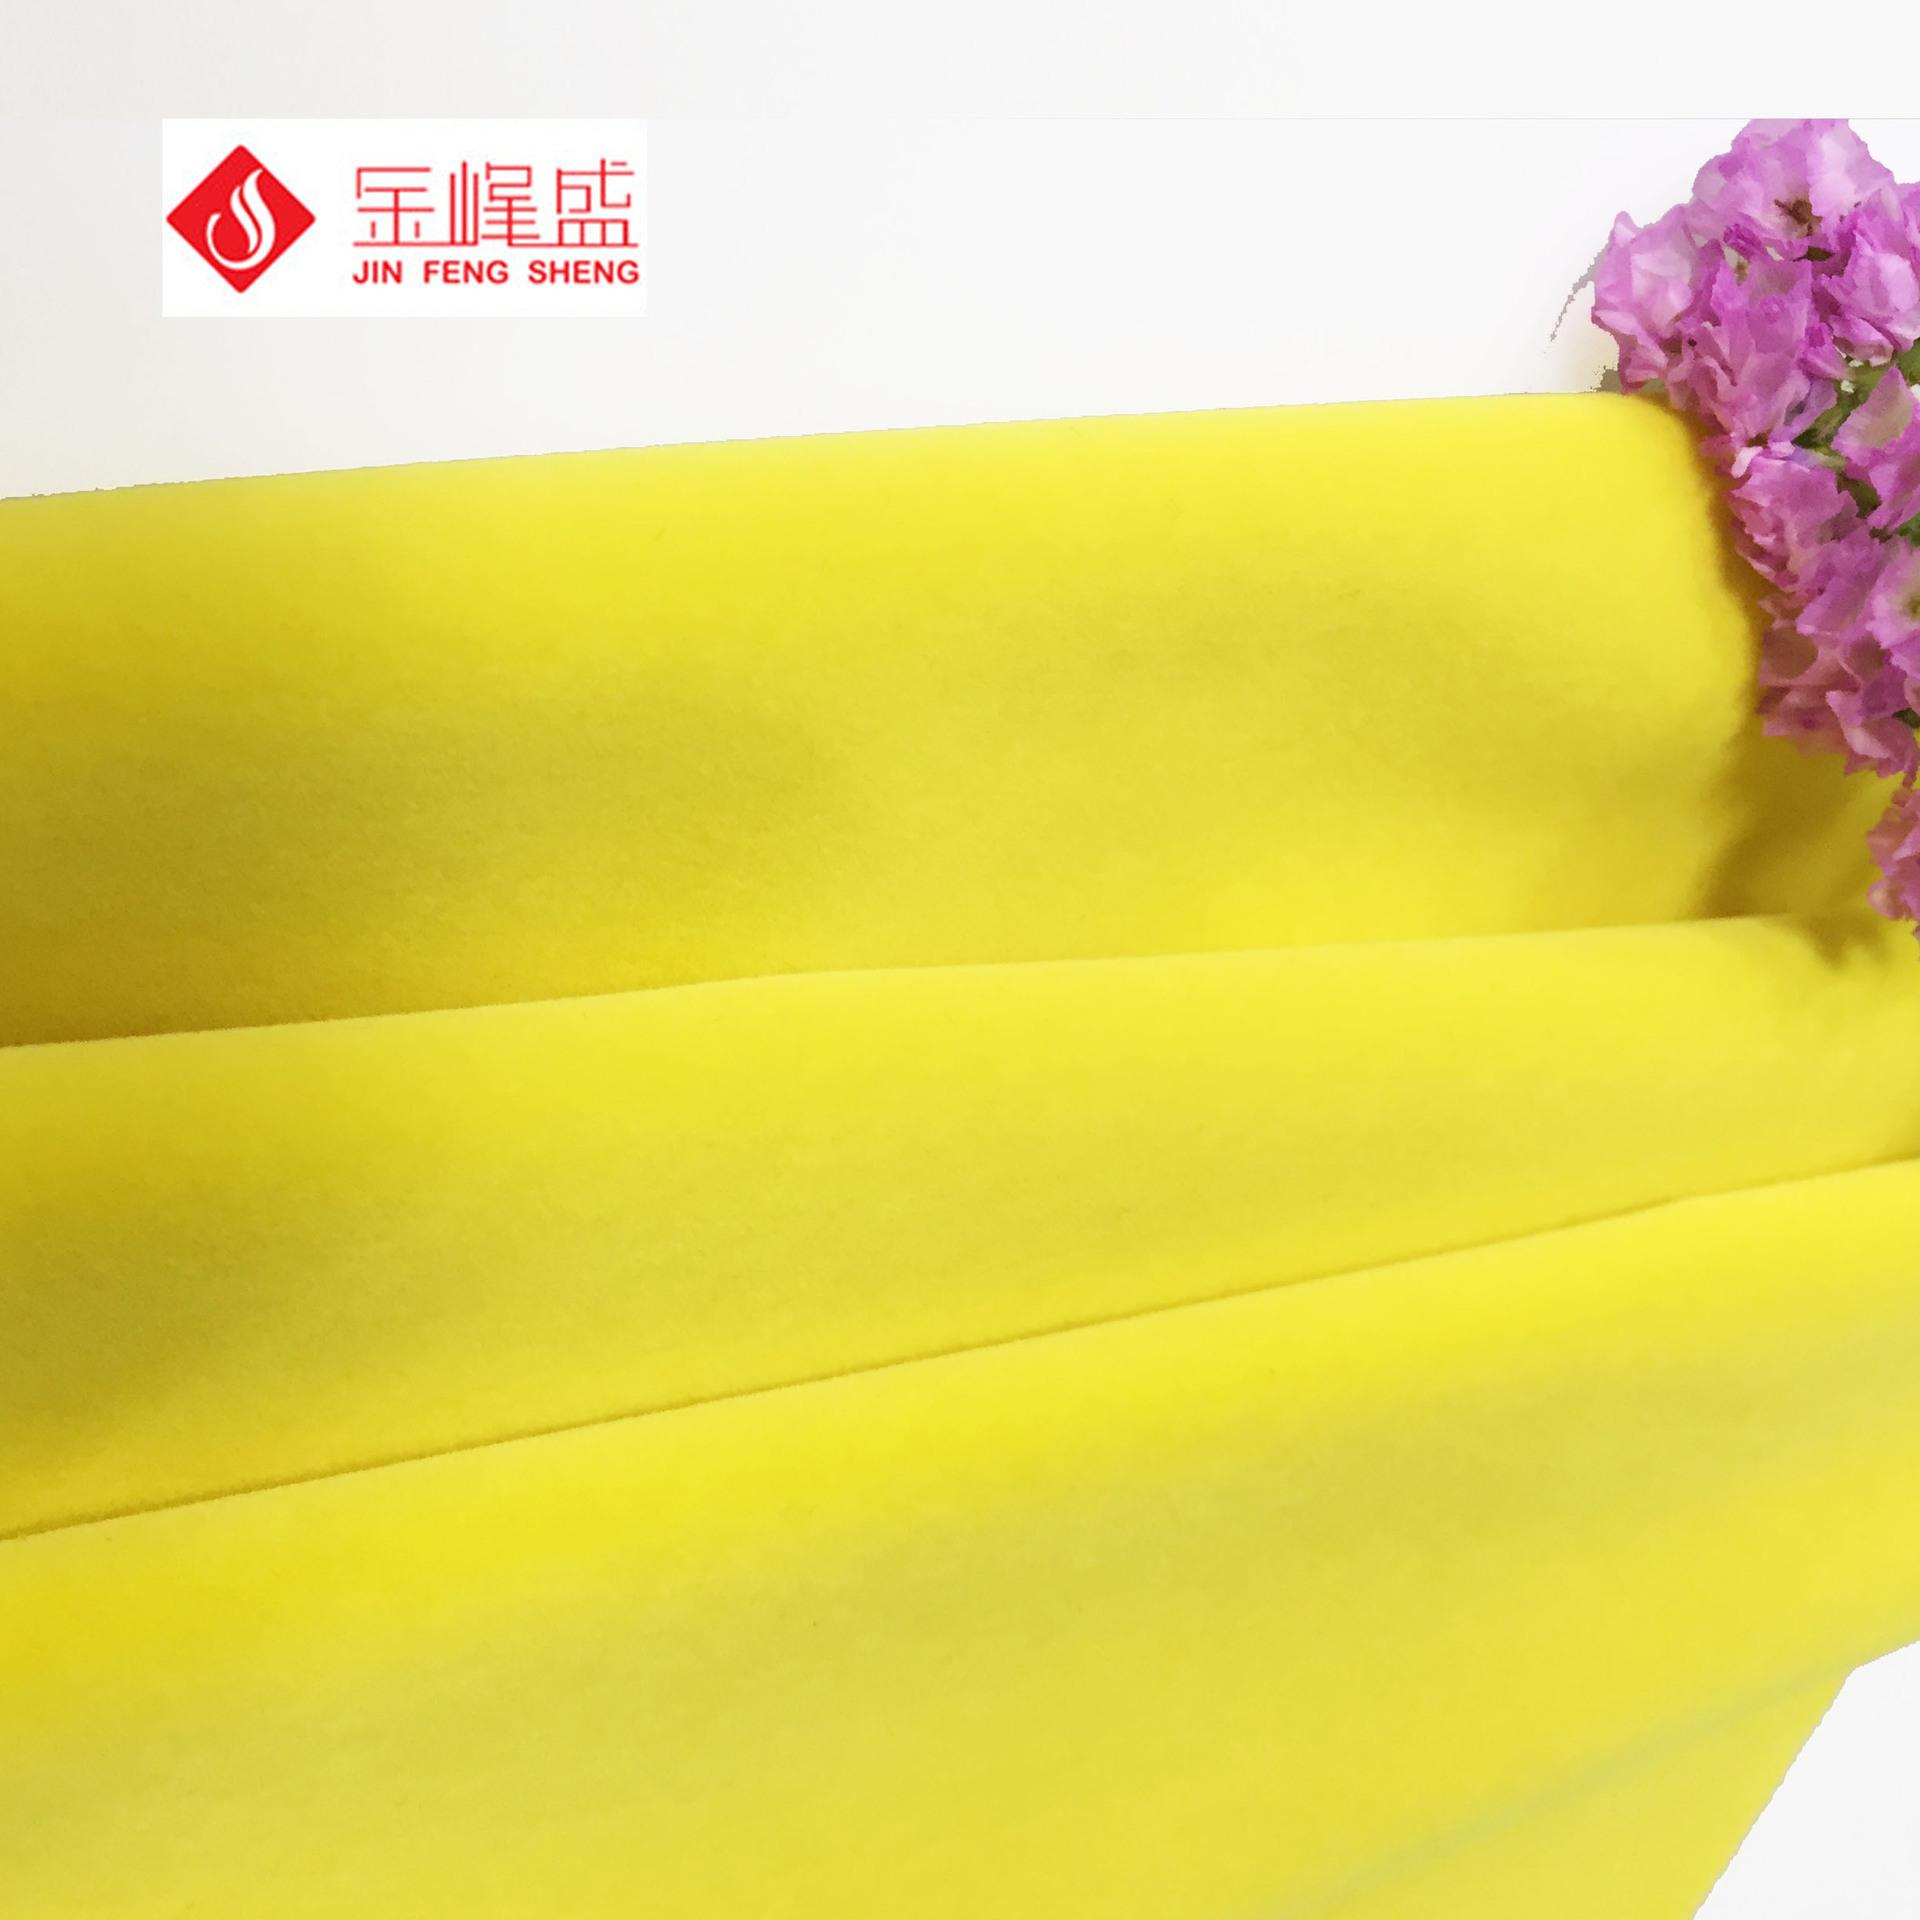 金黄色针织底长毛植绒布  手袋绒布